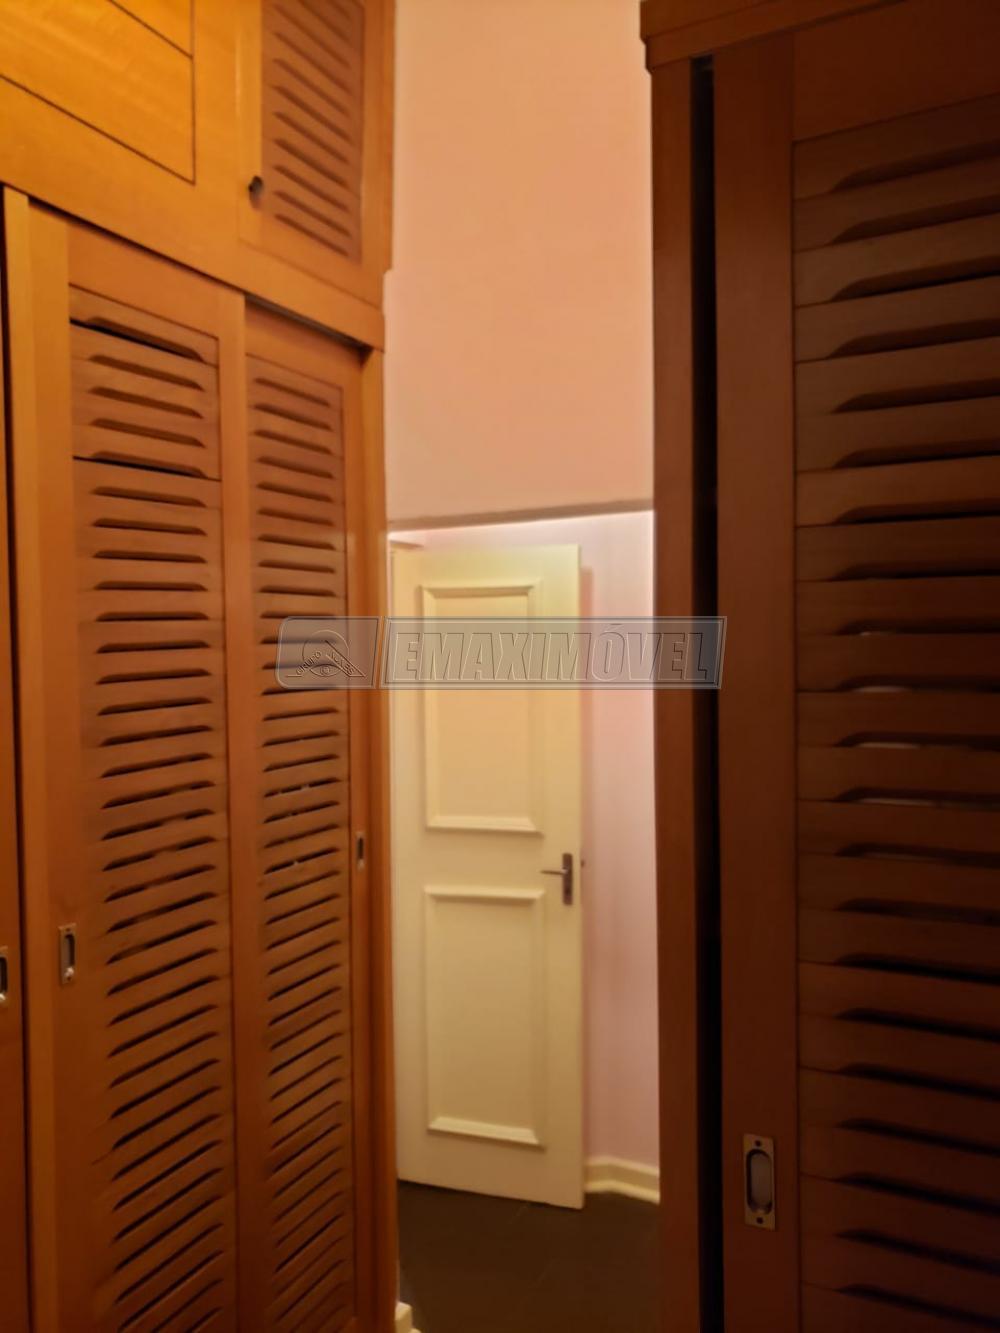 Comprar Casas / em Bairros em Sorocaba apenas R$ 830.000,00 - Foto 17